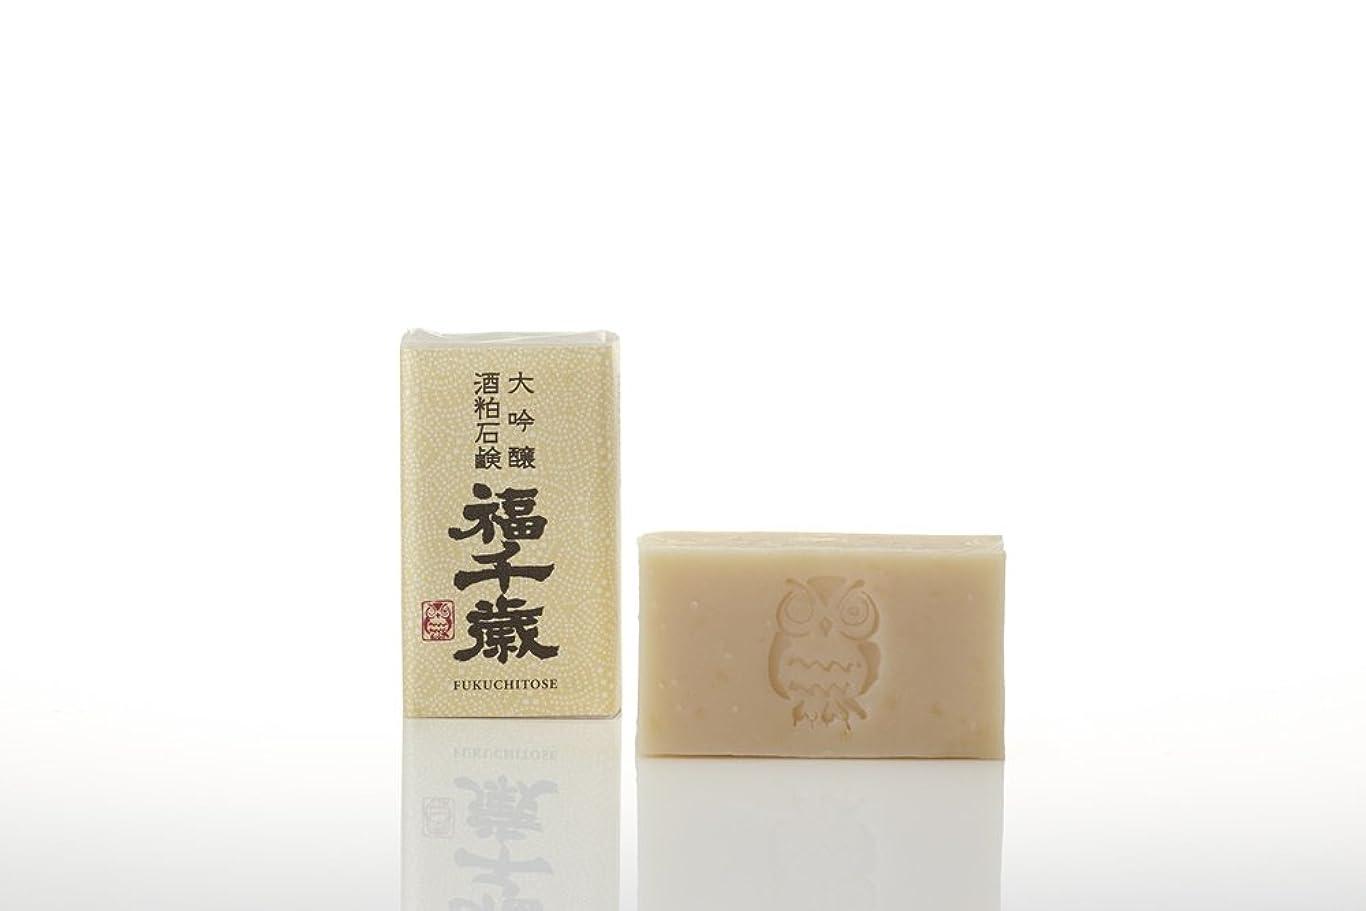 裸エクスタシーバランス福千歳 大吟醸酒粕石鹸80g